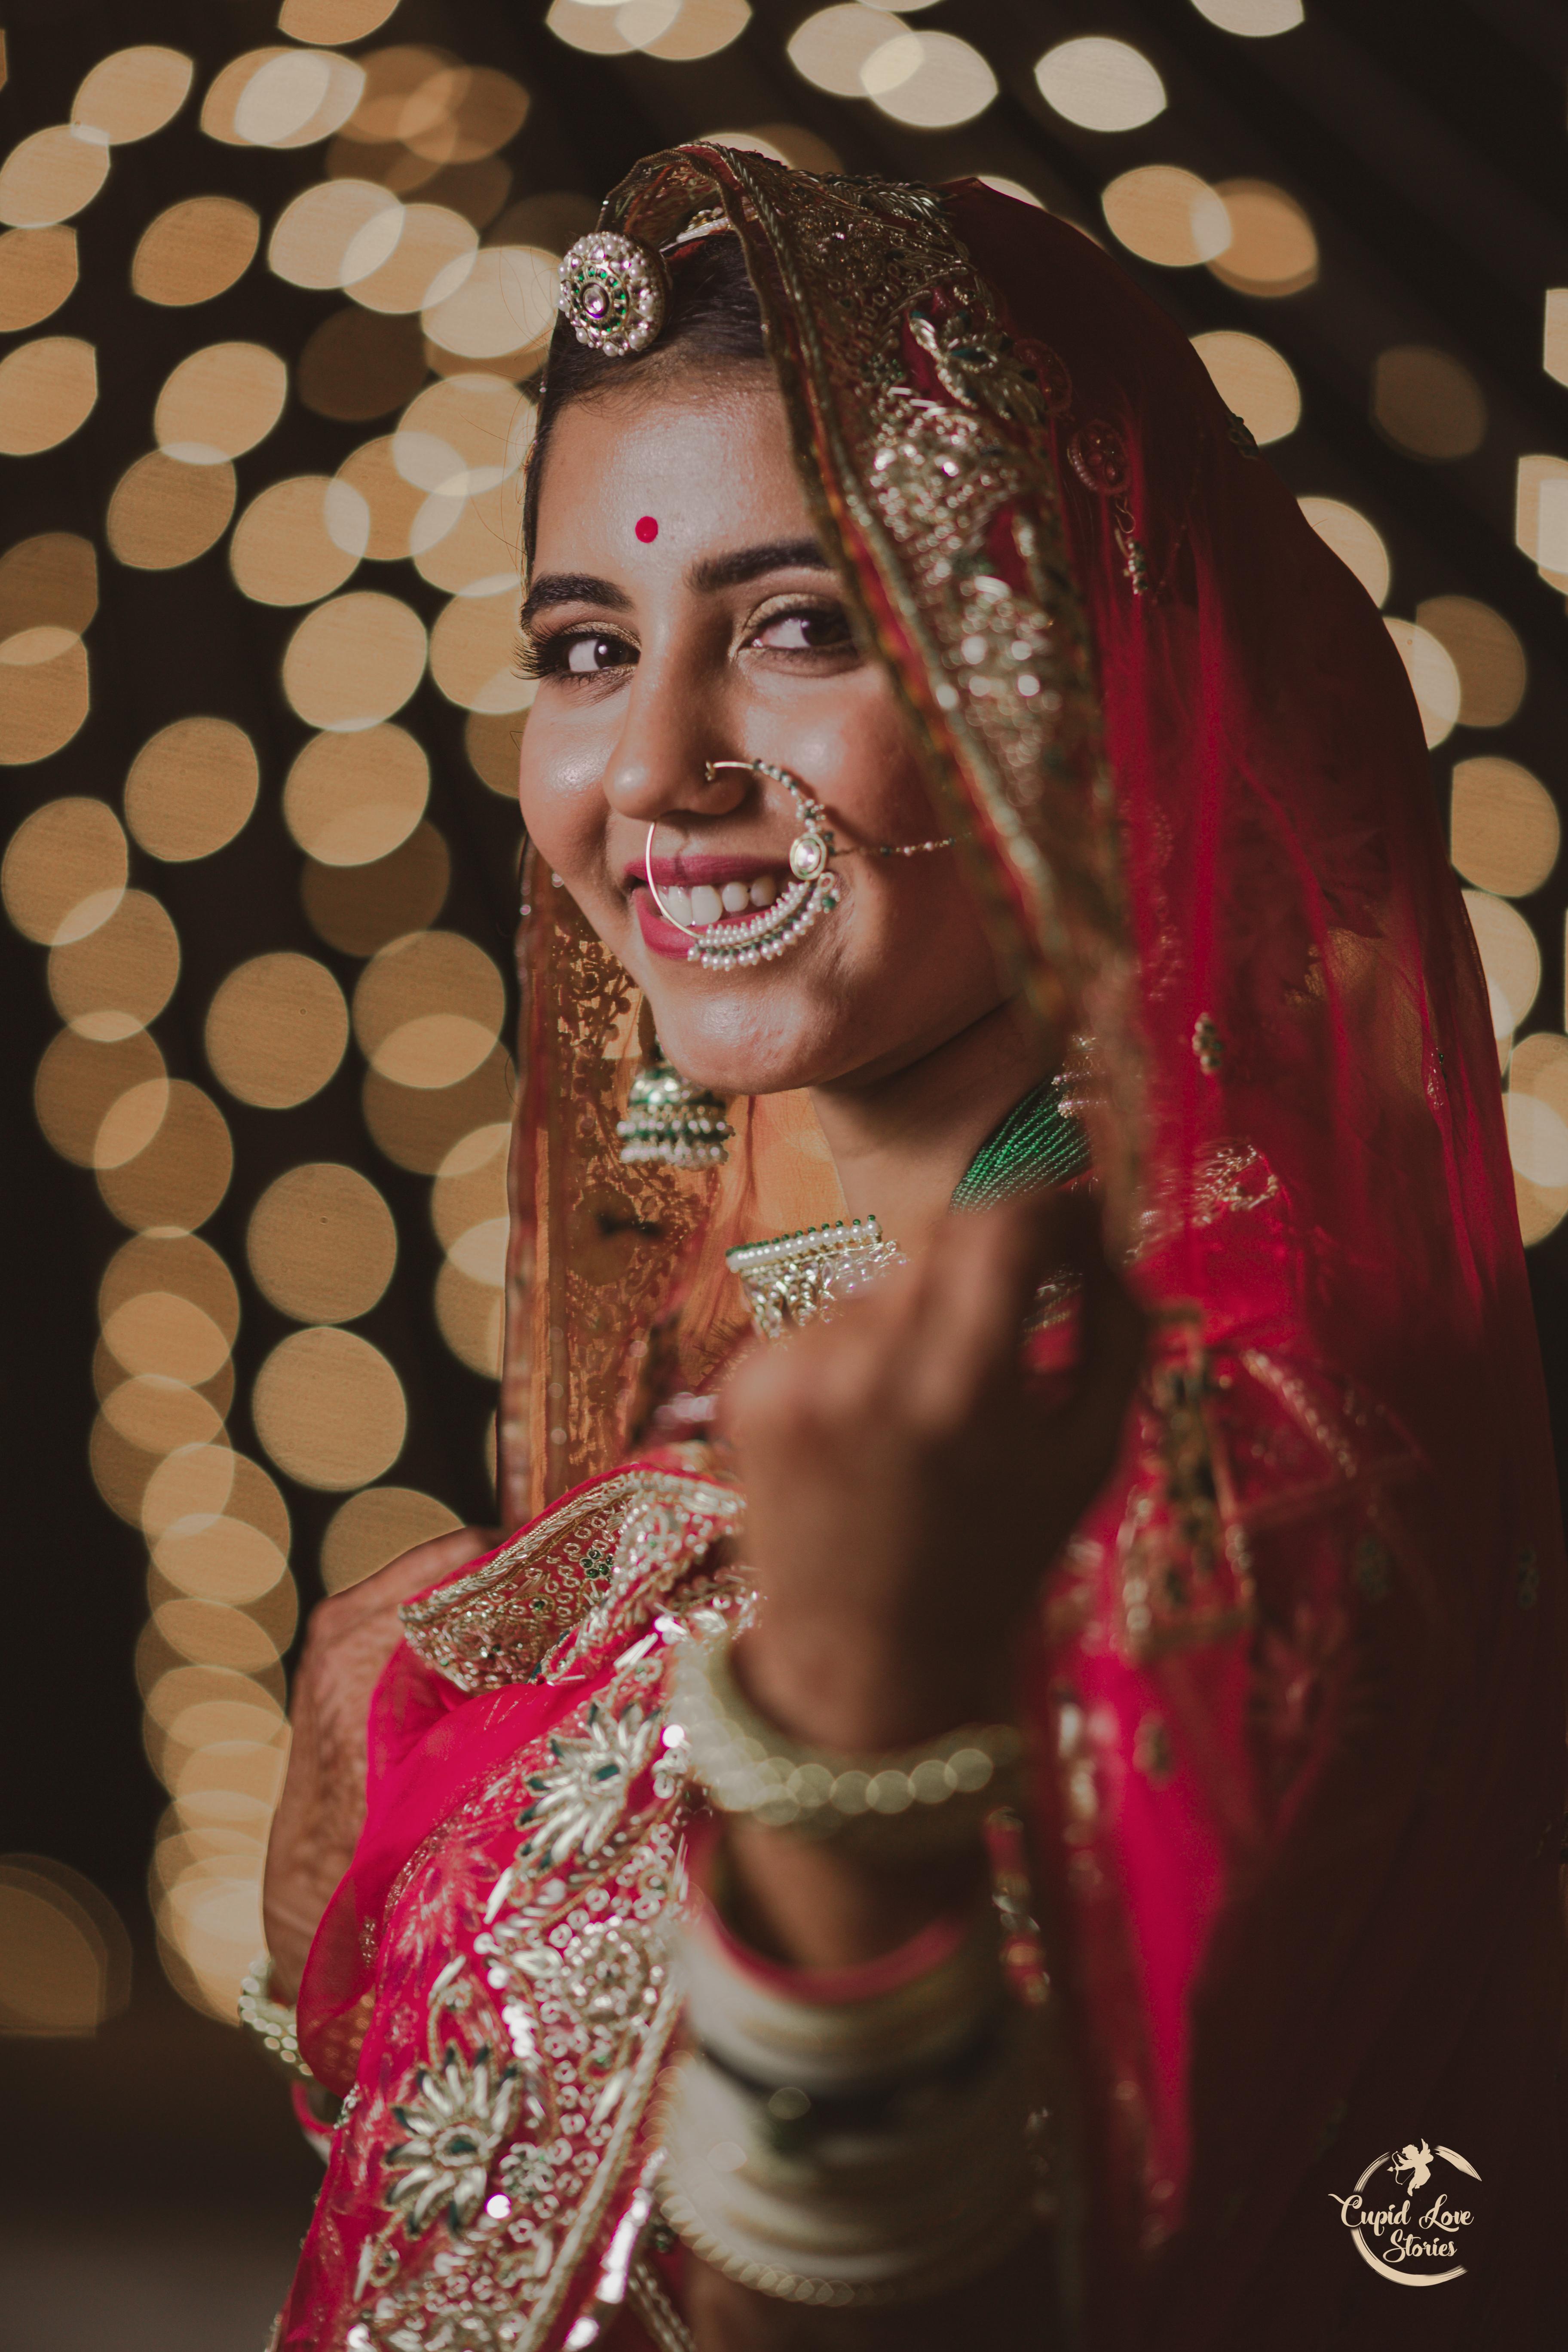 Beautiful Bridal Portrait Picture Smiling